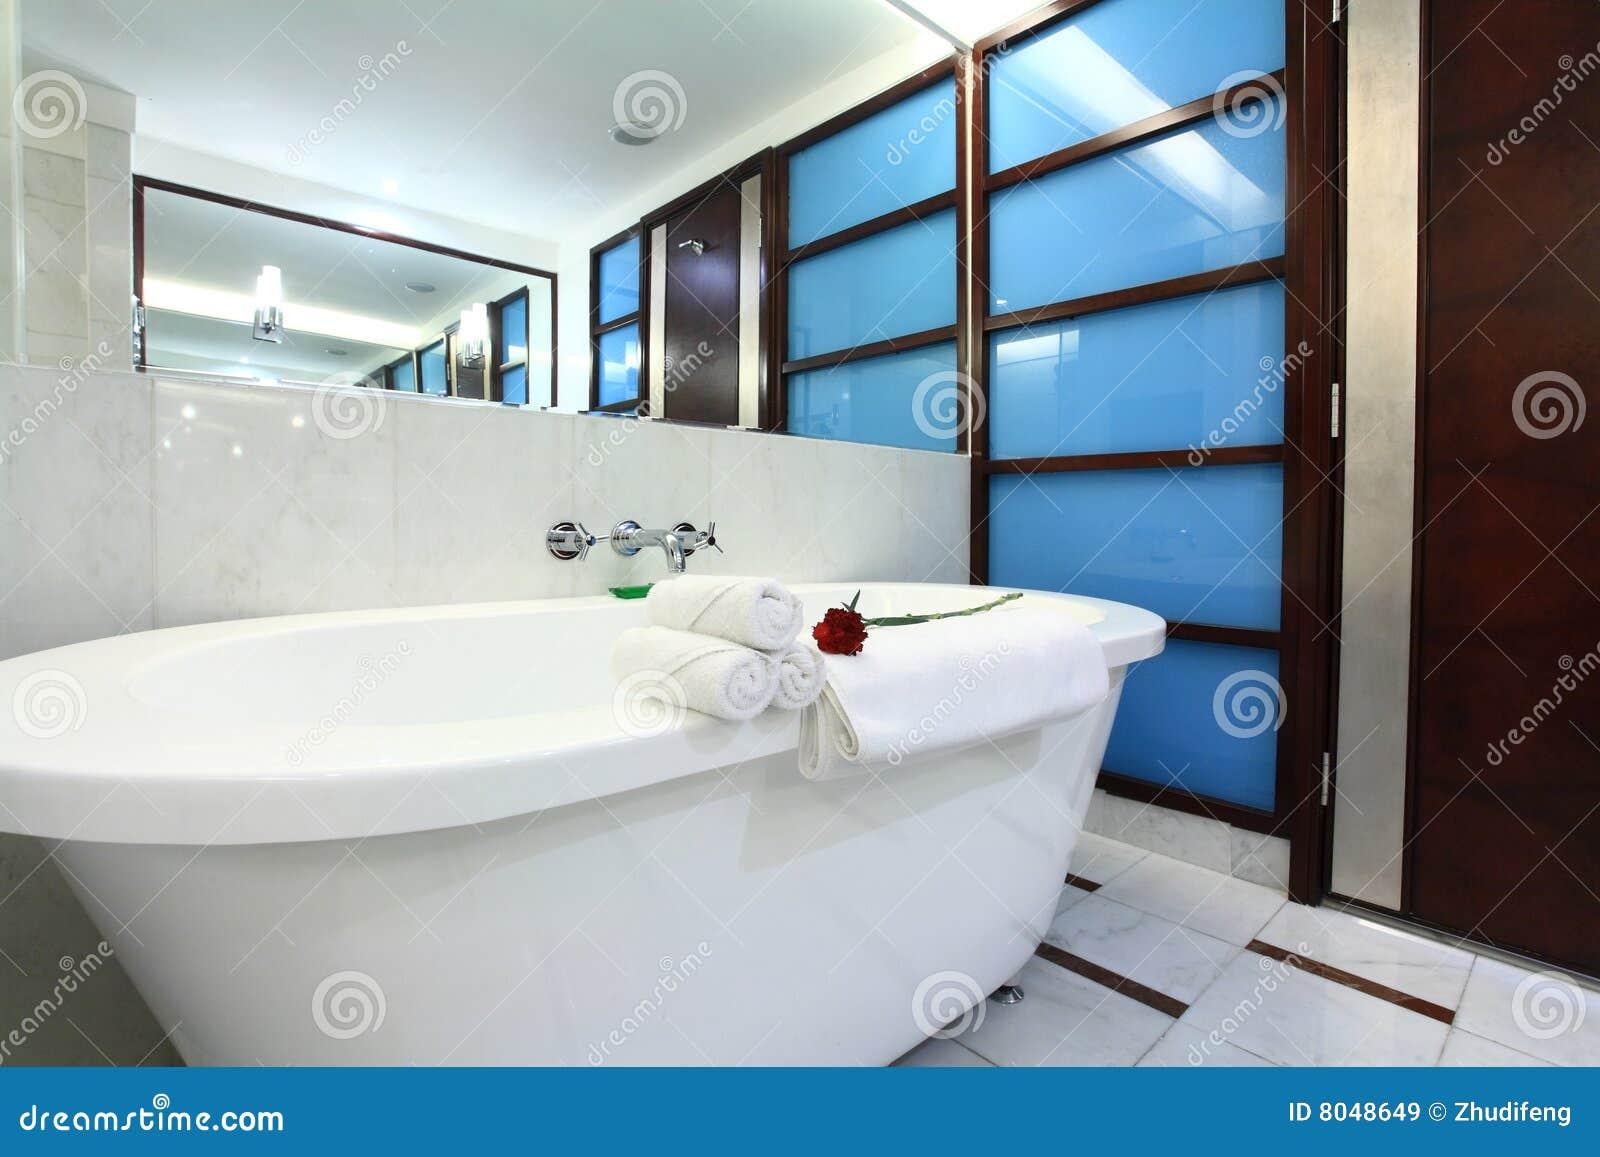 De ruimte van het bad stock afbeelding afbeelding bestaande uit badkuip 8048649 - Ruimte van het meisje parket ...